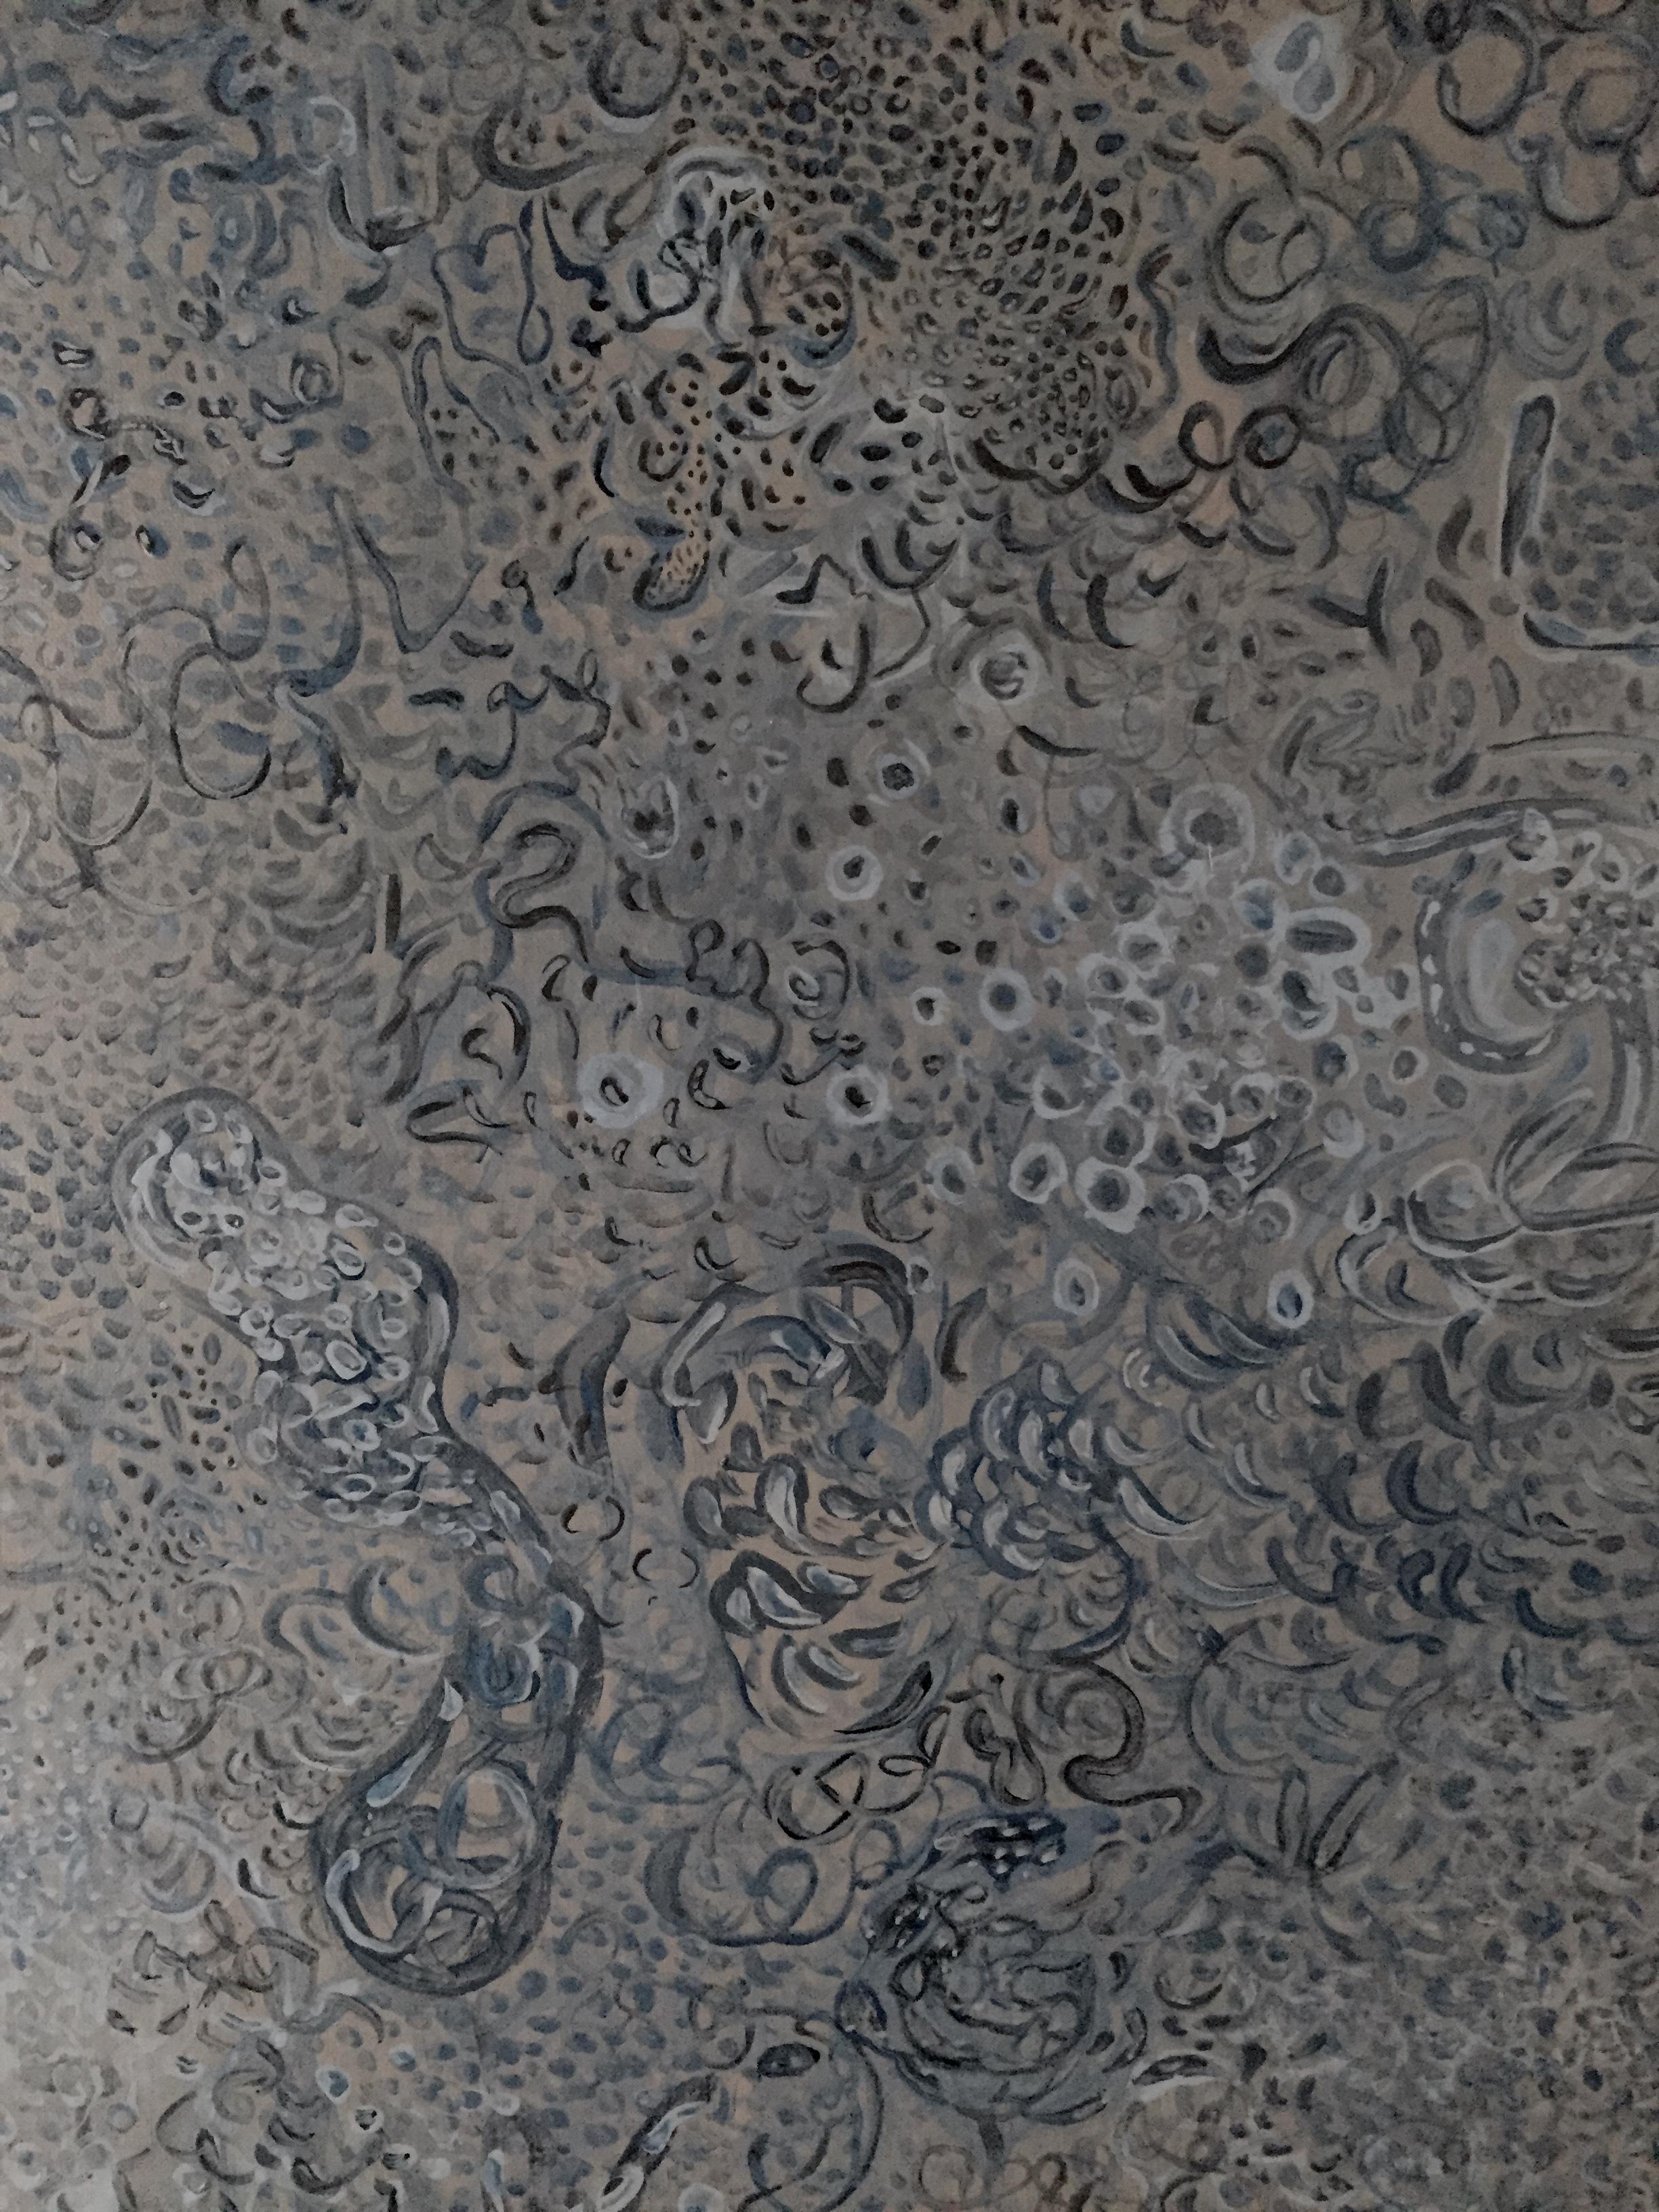 Overcast (detail)